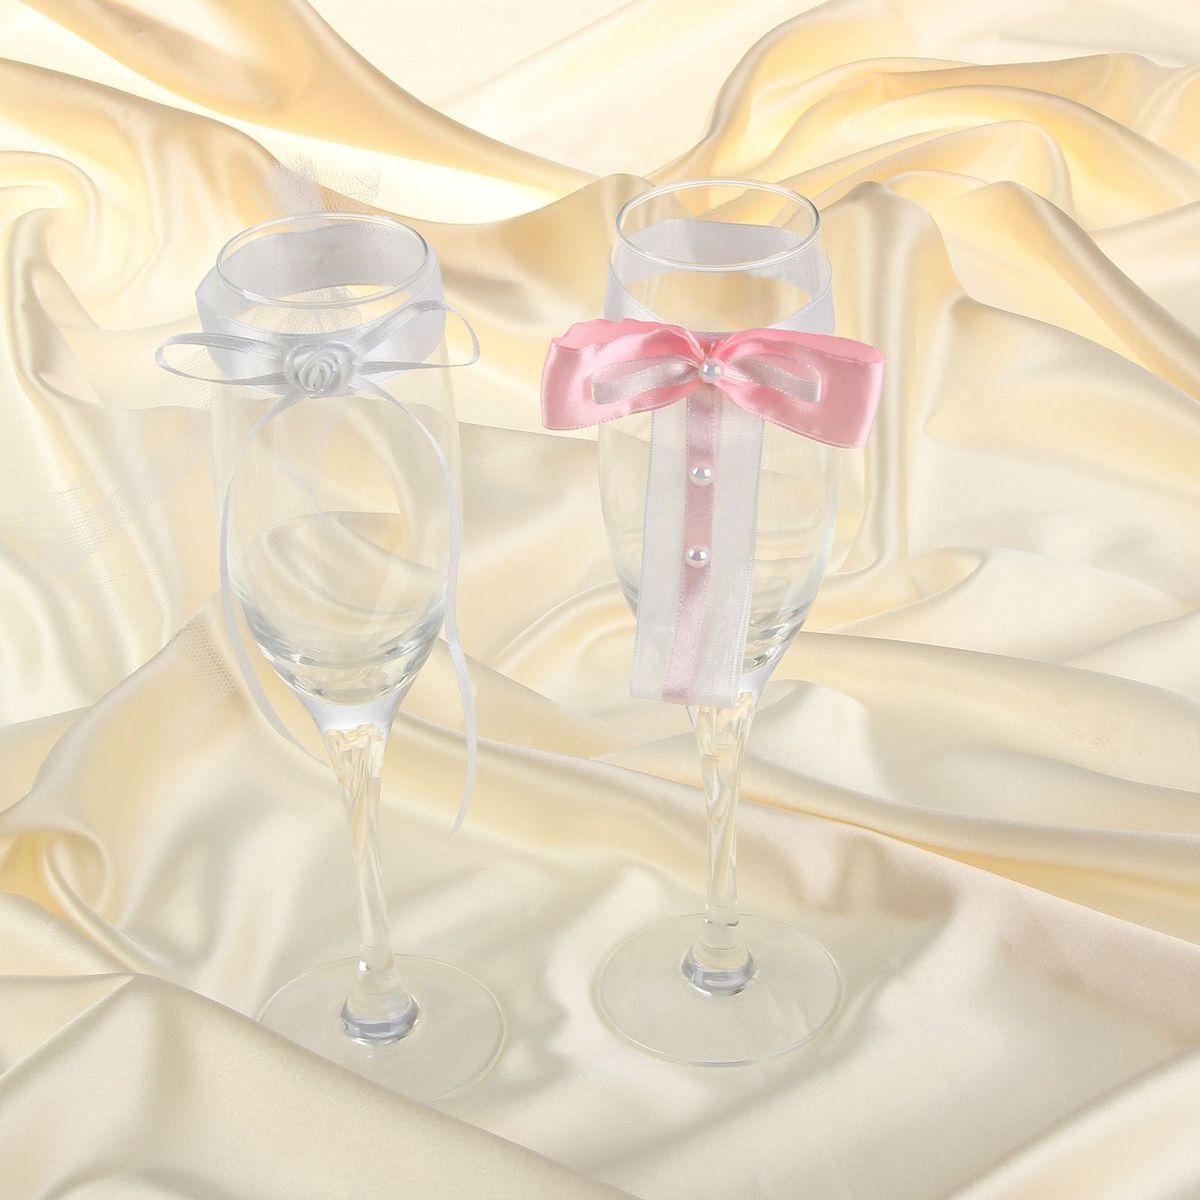 """Комплект декора на бокалы """"Sima-land"""", цвет: белый, розовый. 833982"""